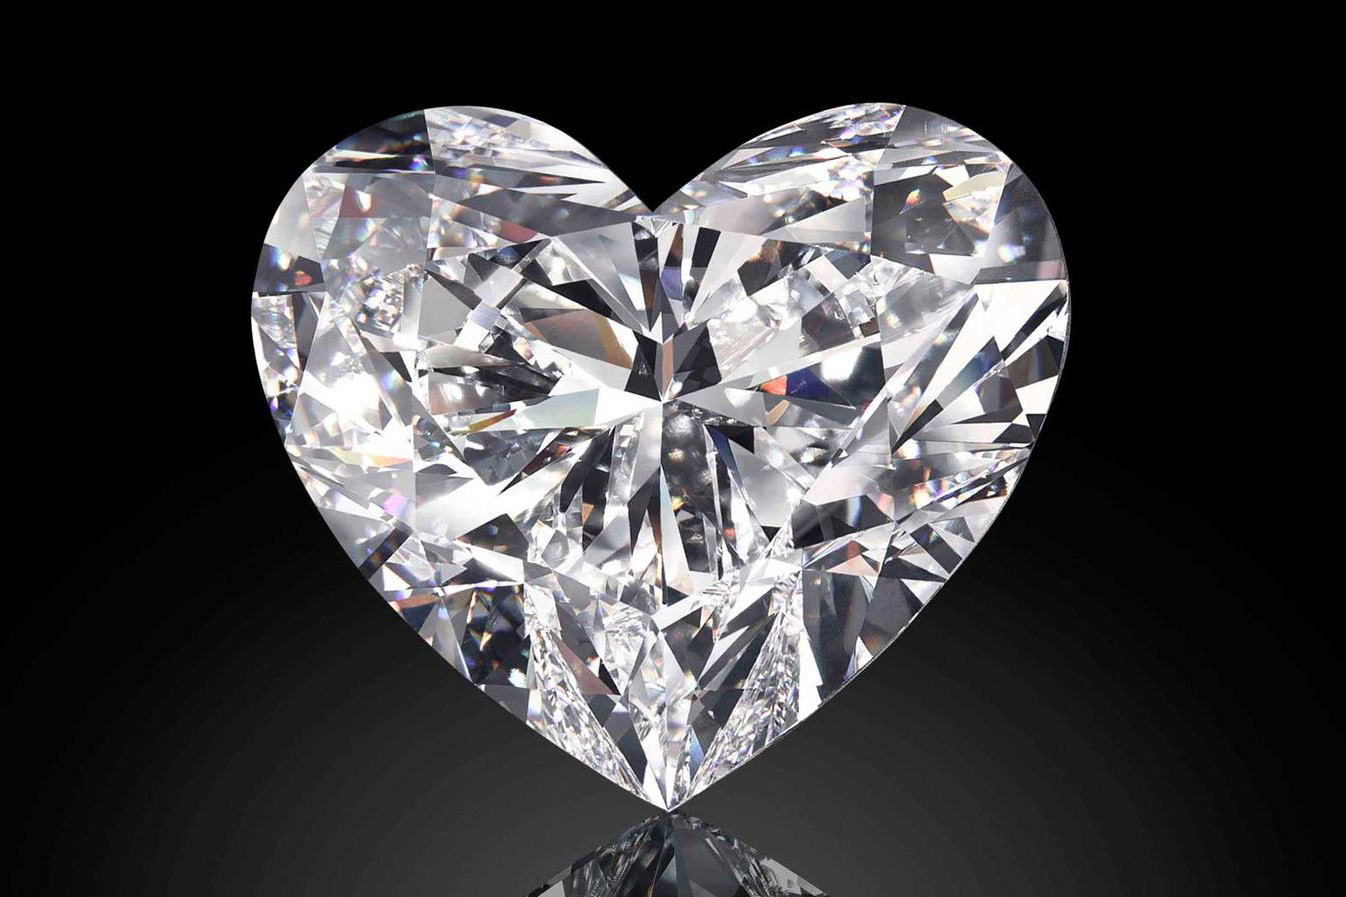 самый крупный бриллиант в мире фото некоторых людей